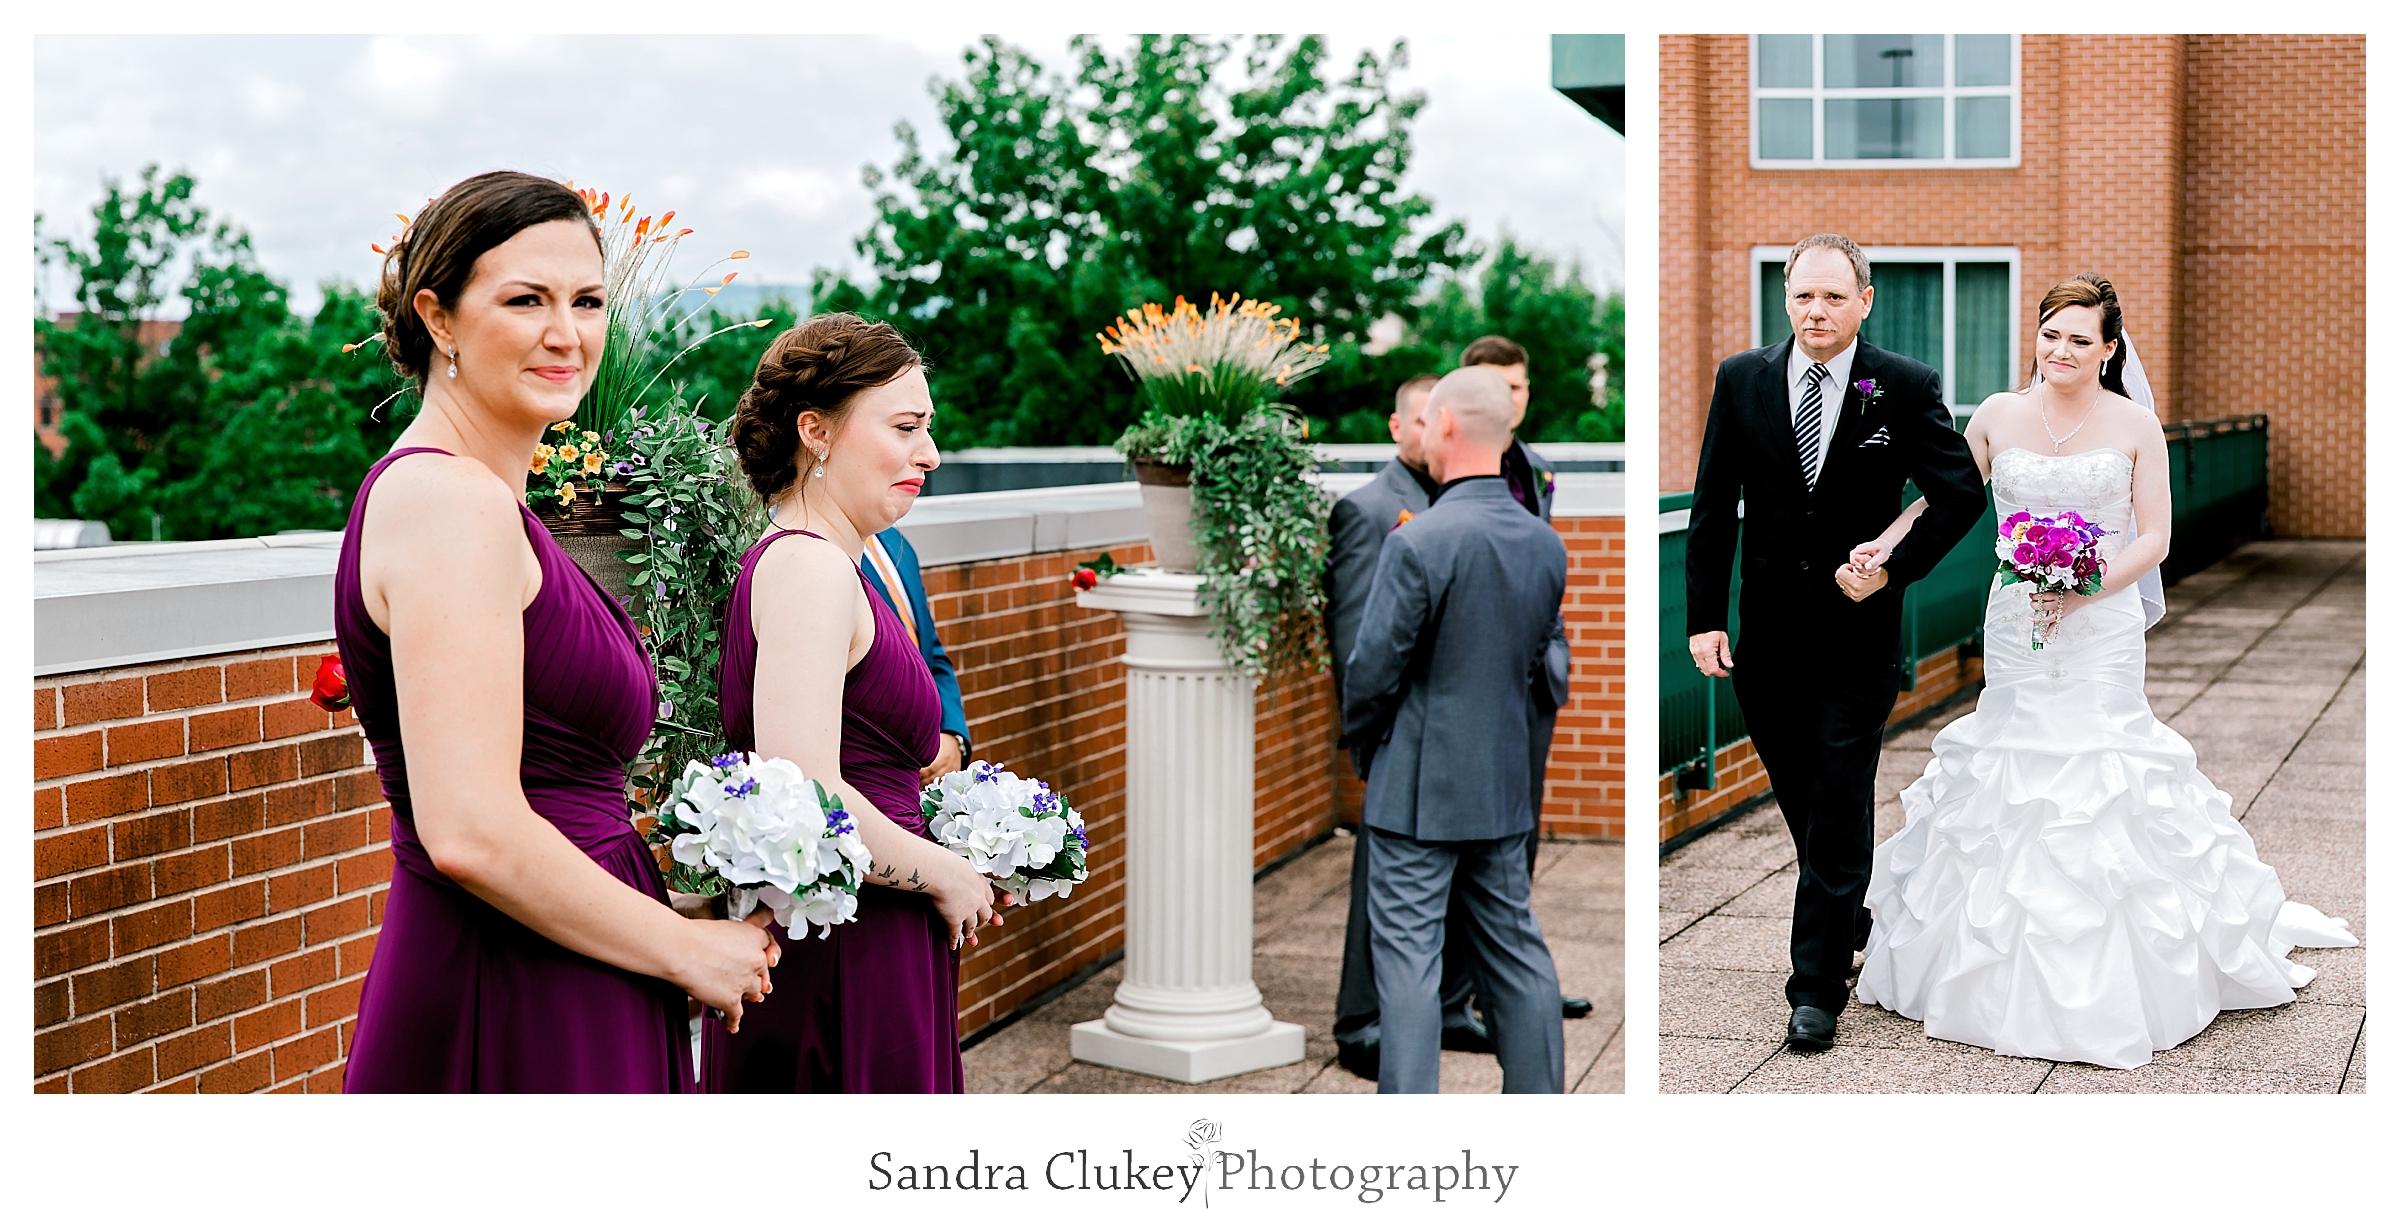 Sandra Clukey Photography_1850.jpg